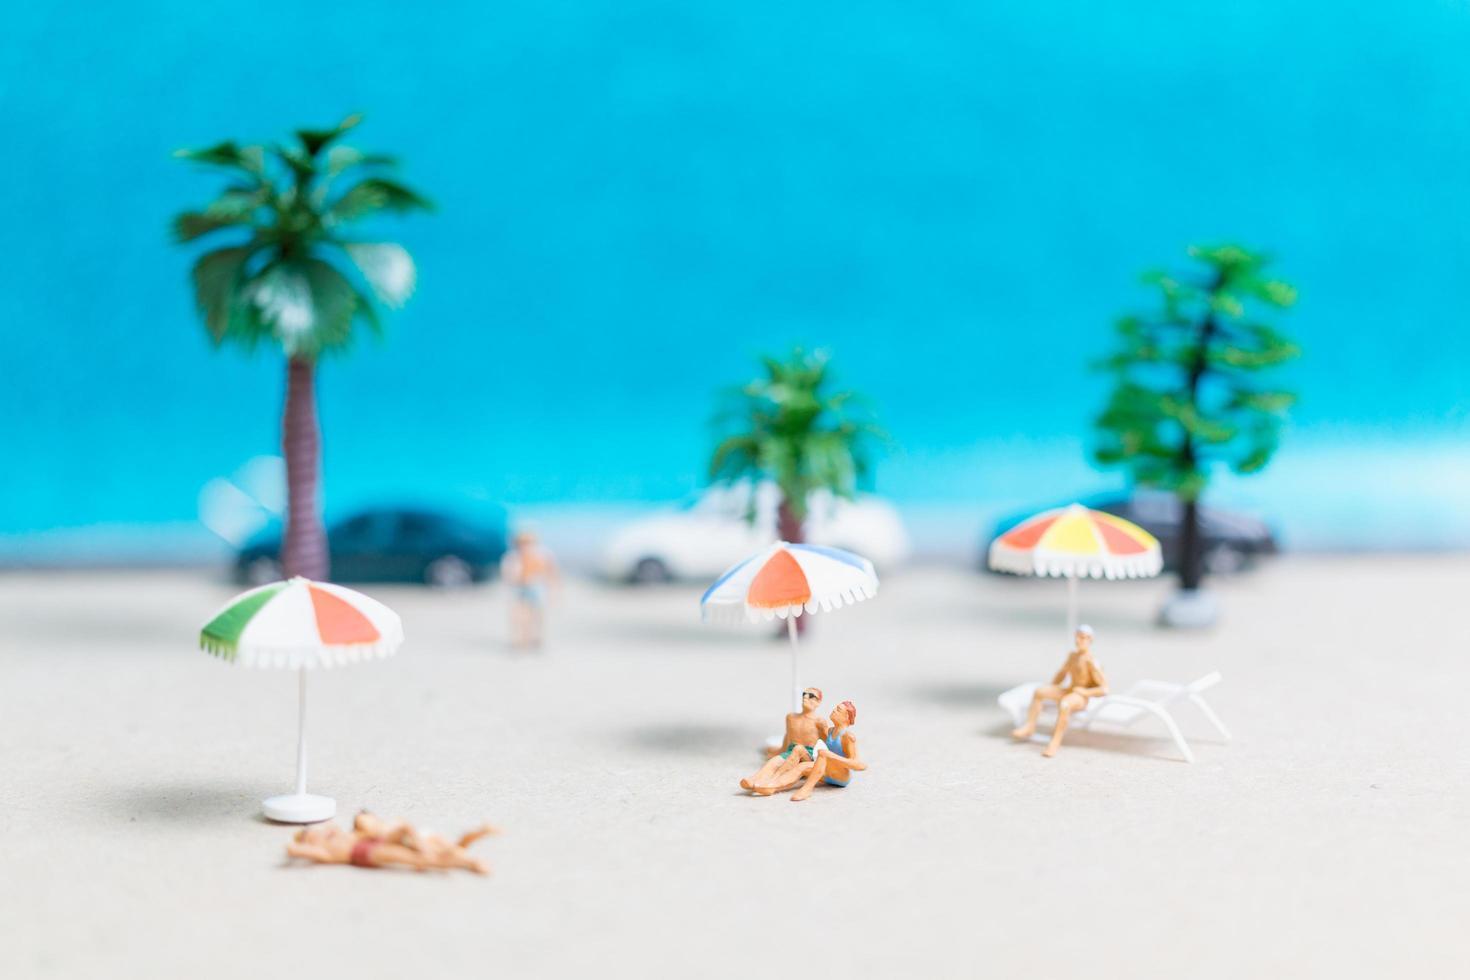 miniatyrfolk som bär baddräkter som kopplar av på en strand med en blå bakgrund foto